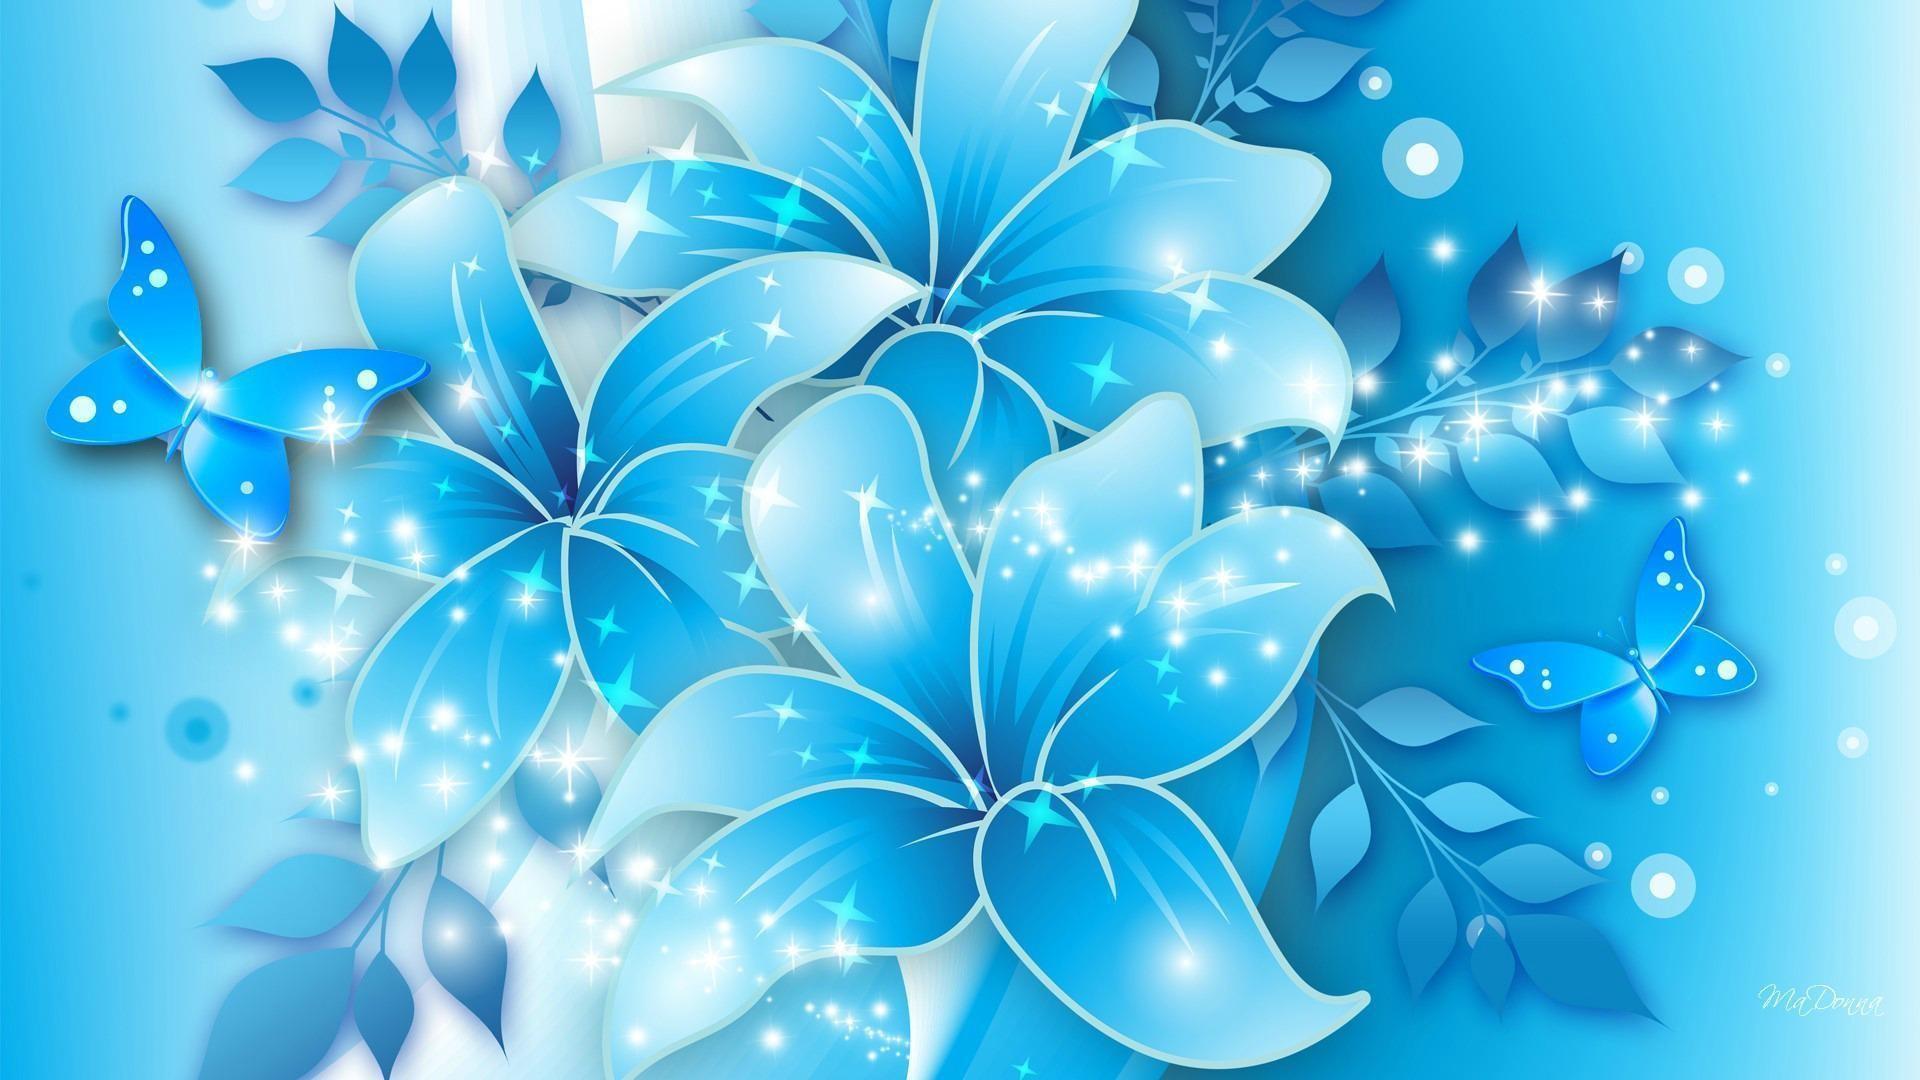 Light Blue Flowers Wallpapers #1203 Wallpaper | walldesktophd.